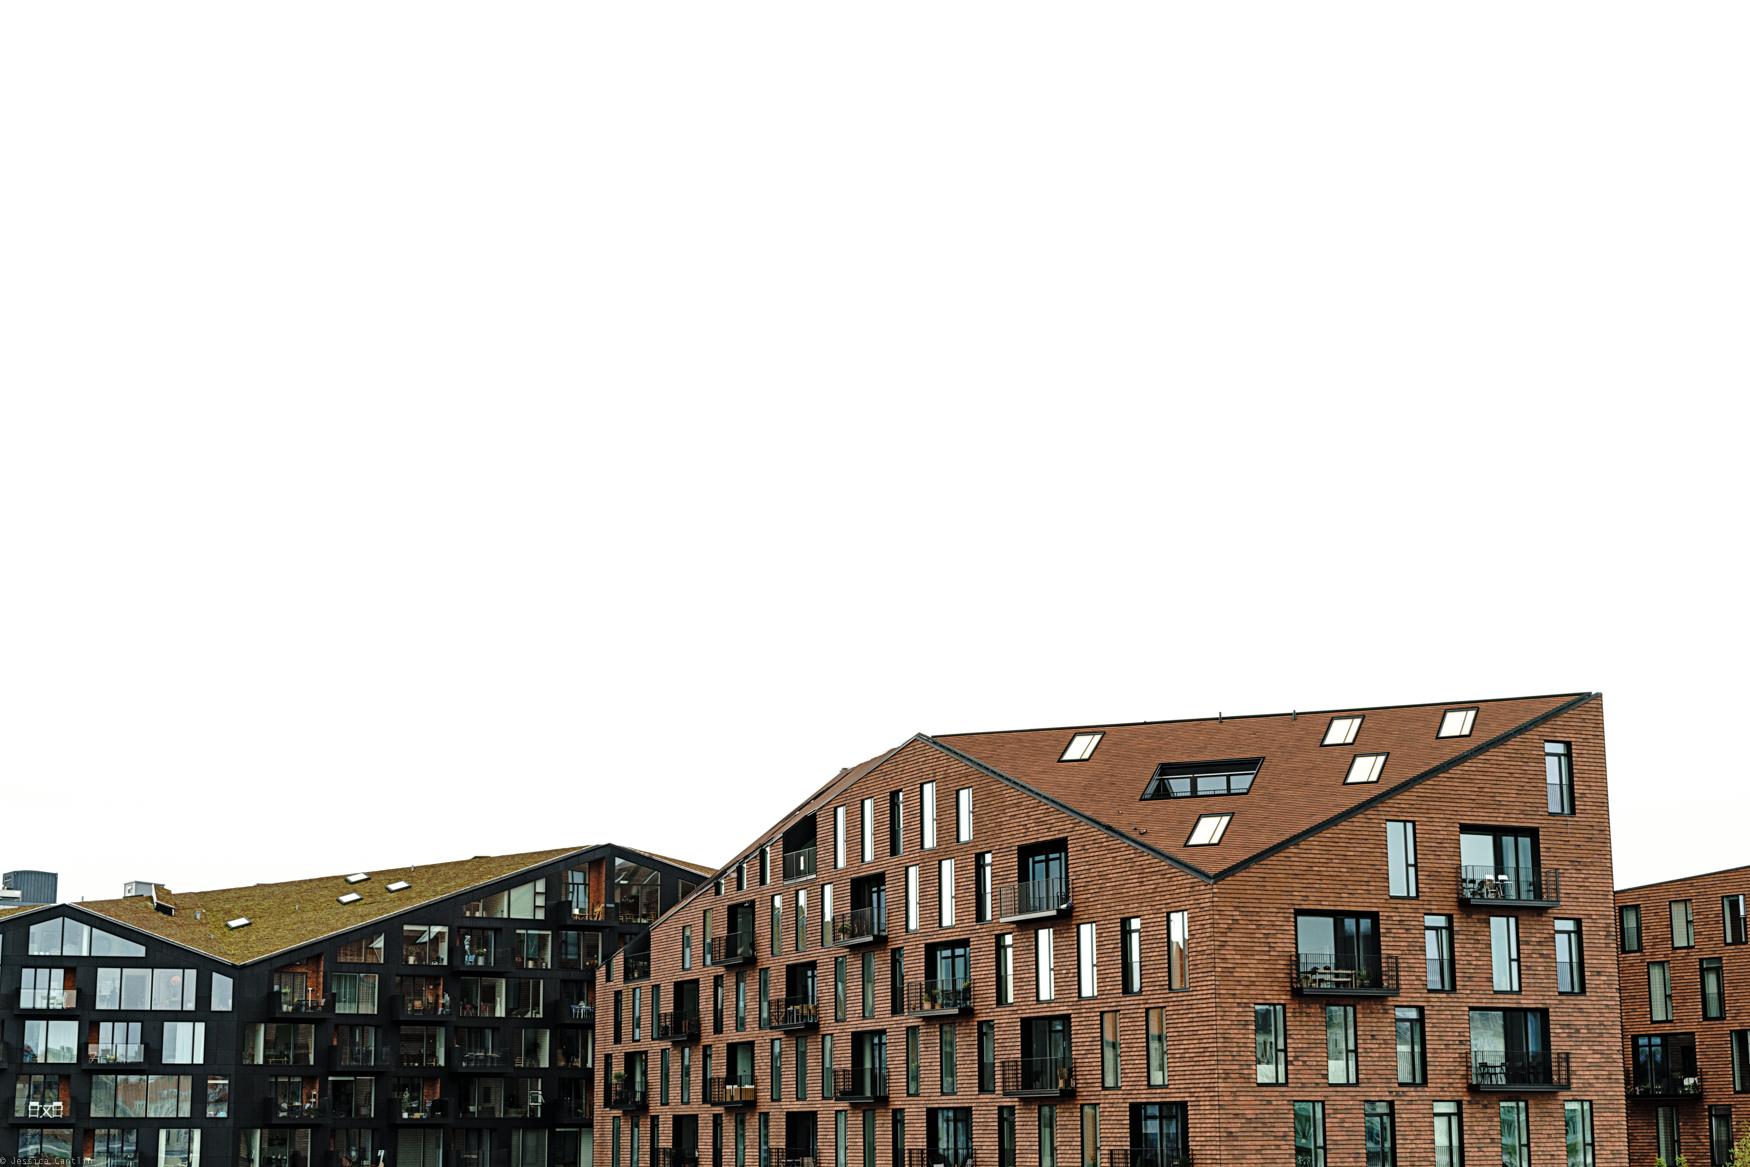 Contemporary Danish Architecture